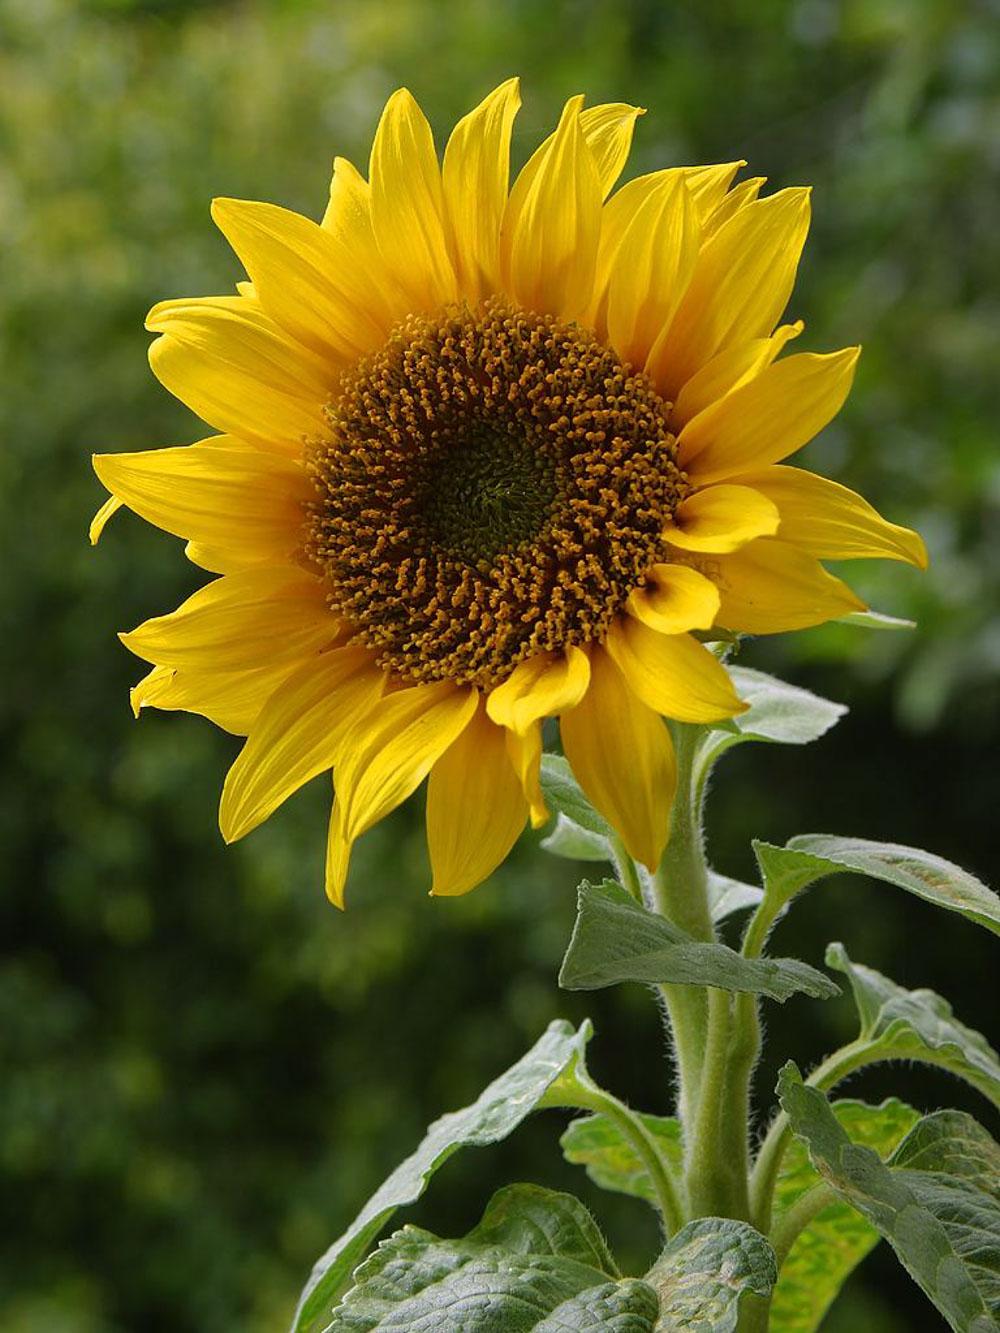 Hình ảnh bông hoa hướng dương